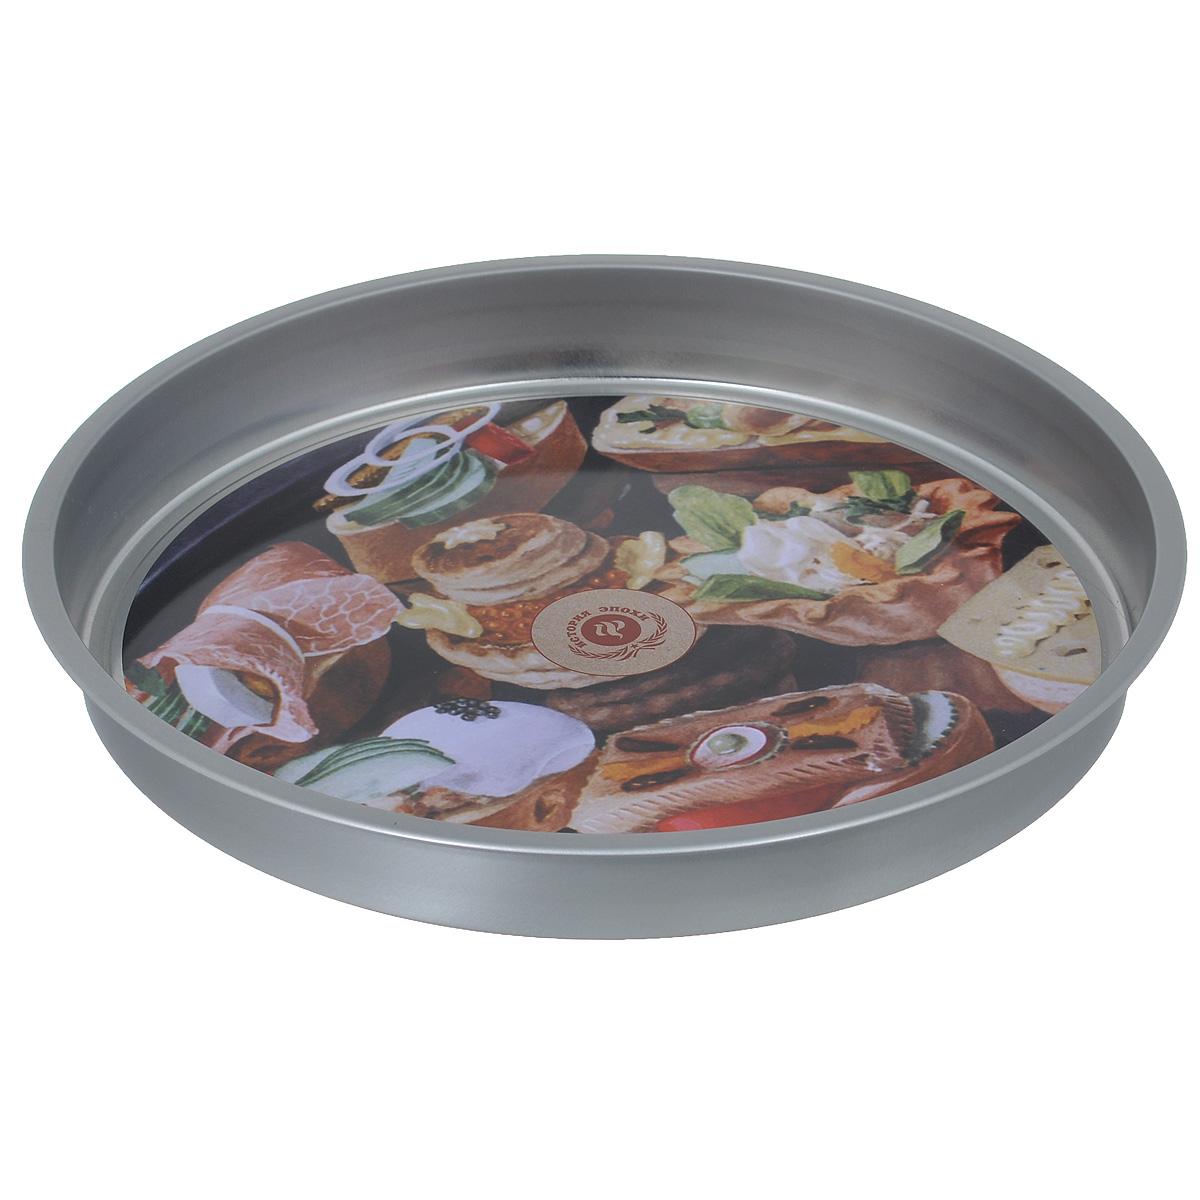 Поднос Феникс-Презент Бутерброды, диаметр 33 см37659бутербродыПоднос Феникс-Презент Бутерброды изготовлен из металла и оснащен высокими бортиками. Внутри поднос оформлен рисунком с изображением бутербродов. Поднос может использоваться как для сервировки, так и для декора кухни. Такой поднос стильно дополнит любой кухонный интерьер, добавив немного ретро в окружающую обстановку. Внутренний диаметр подноса: 31 см. Высота бортиков: 4 см.